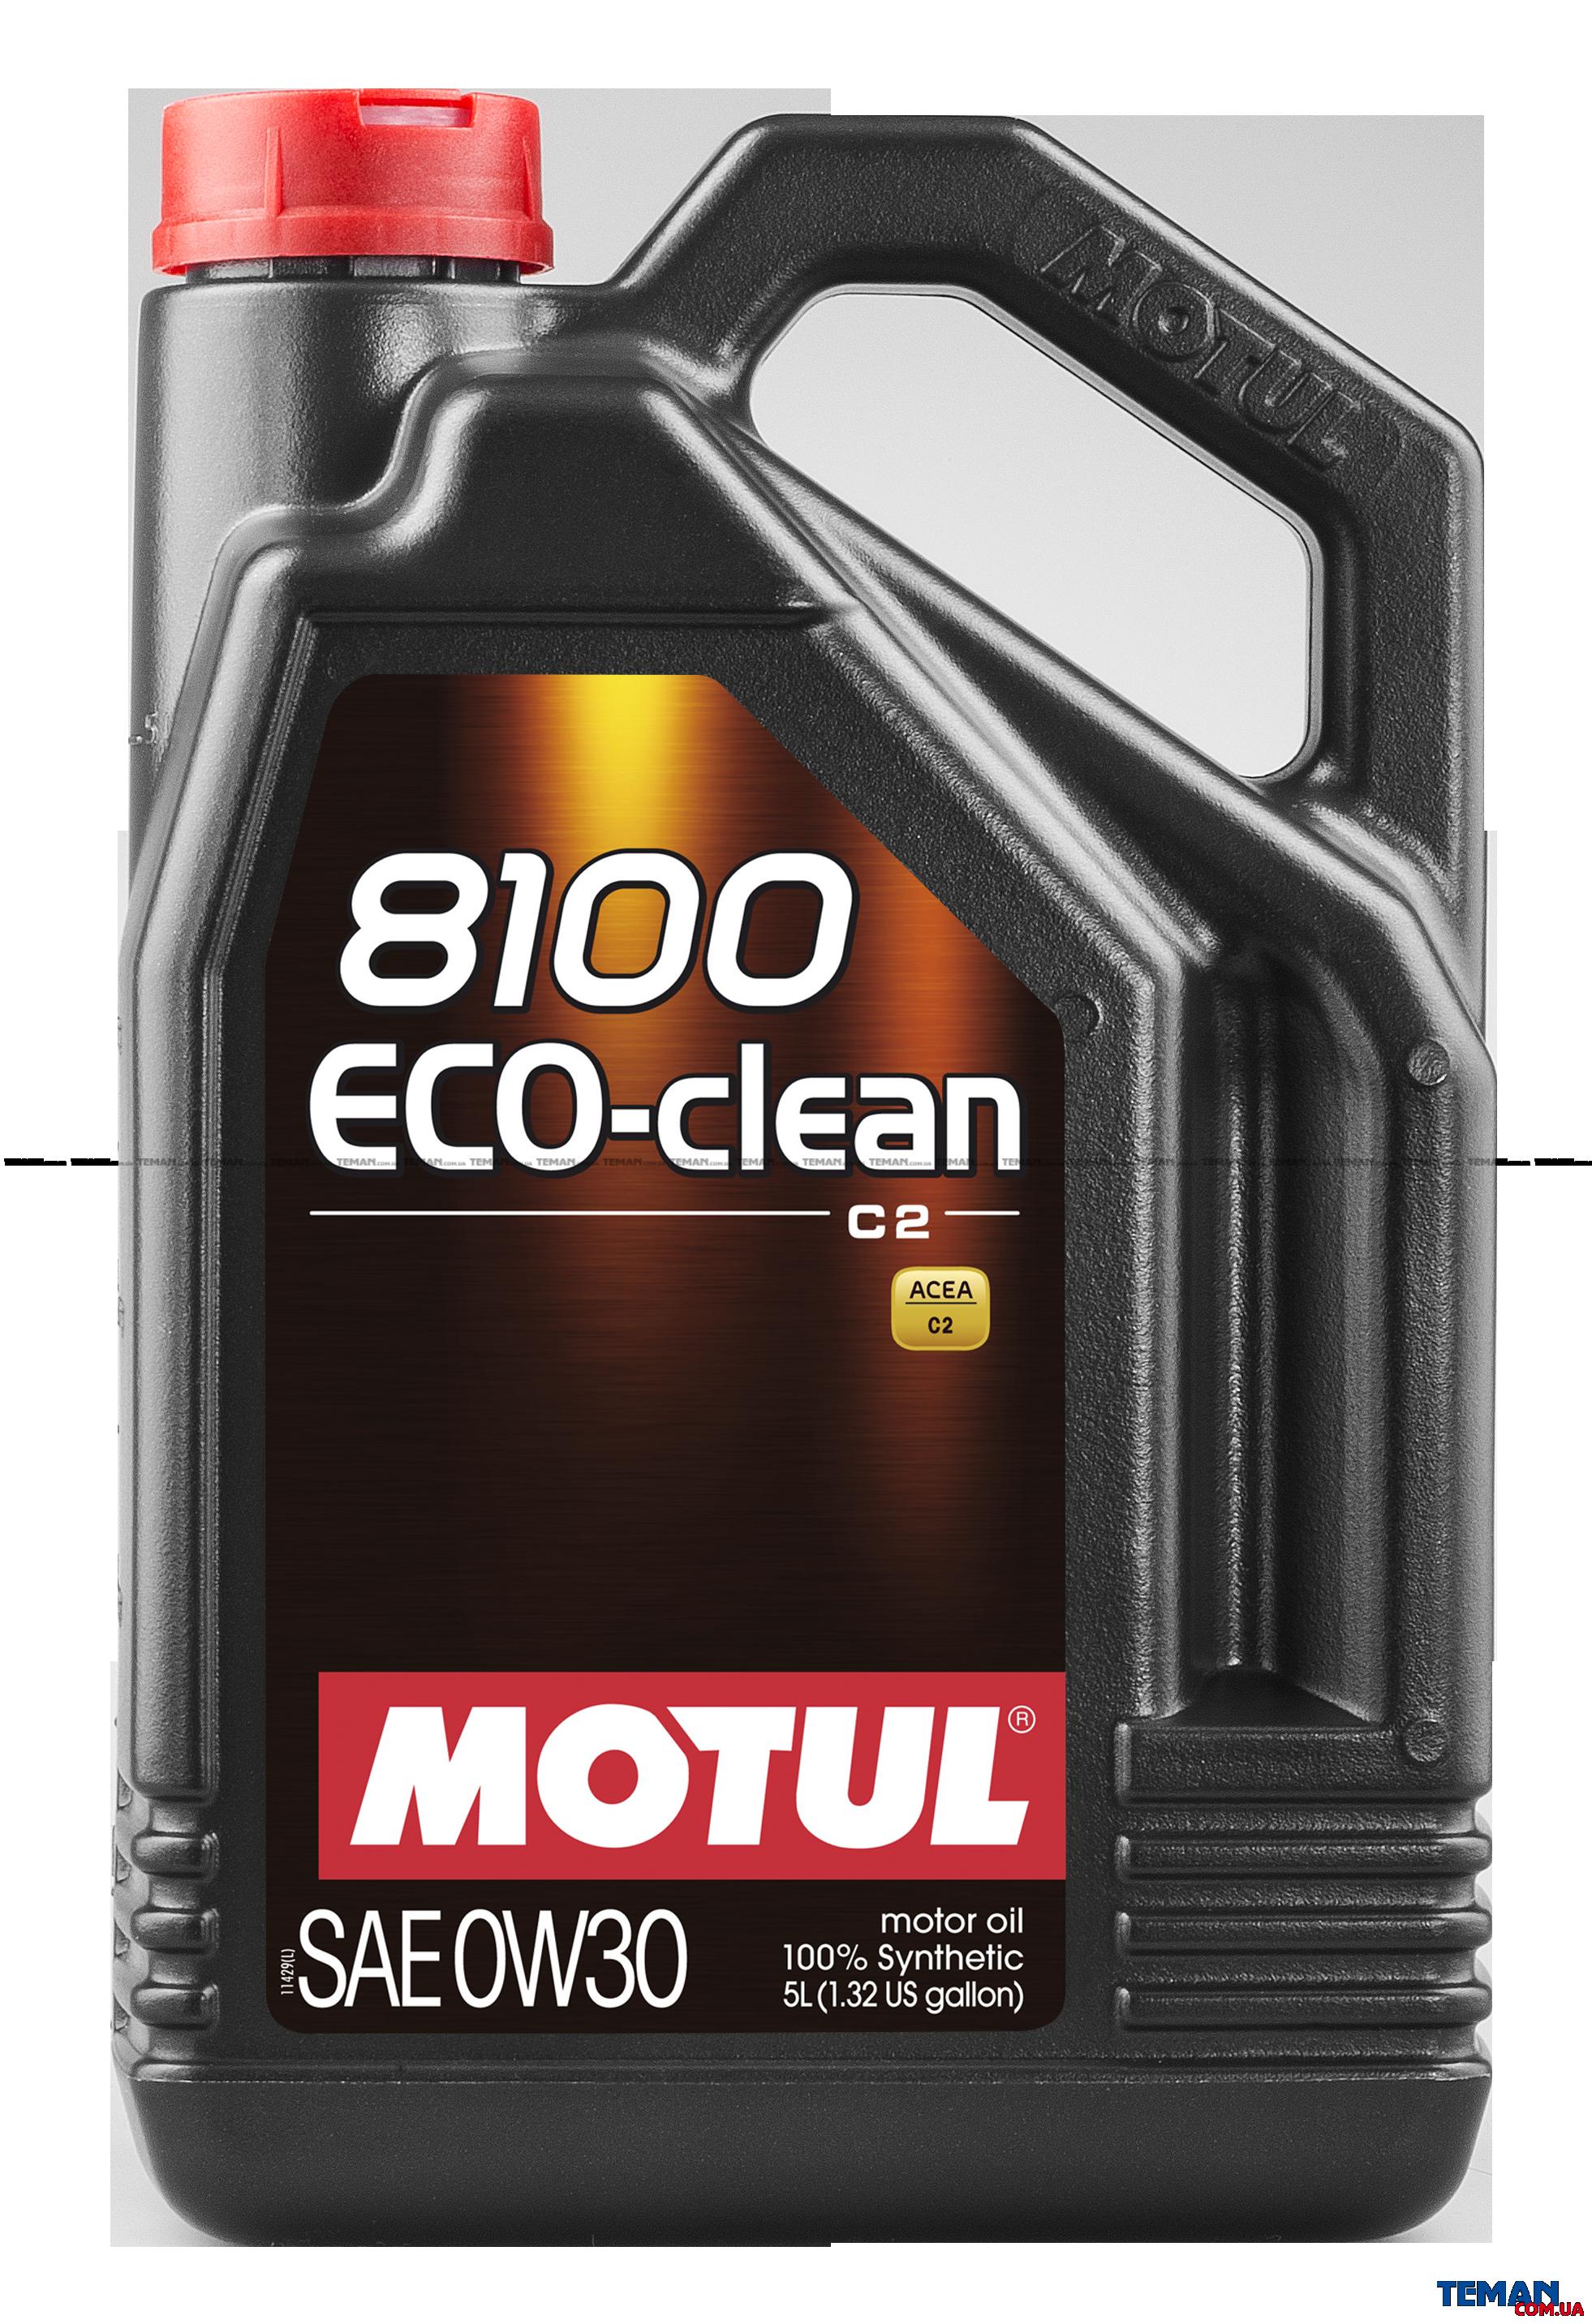 Синтетическое моторное масло  8100 Eco-clean SAE 0W30, 5 л